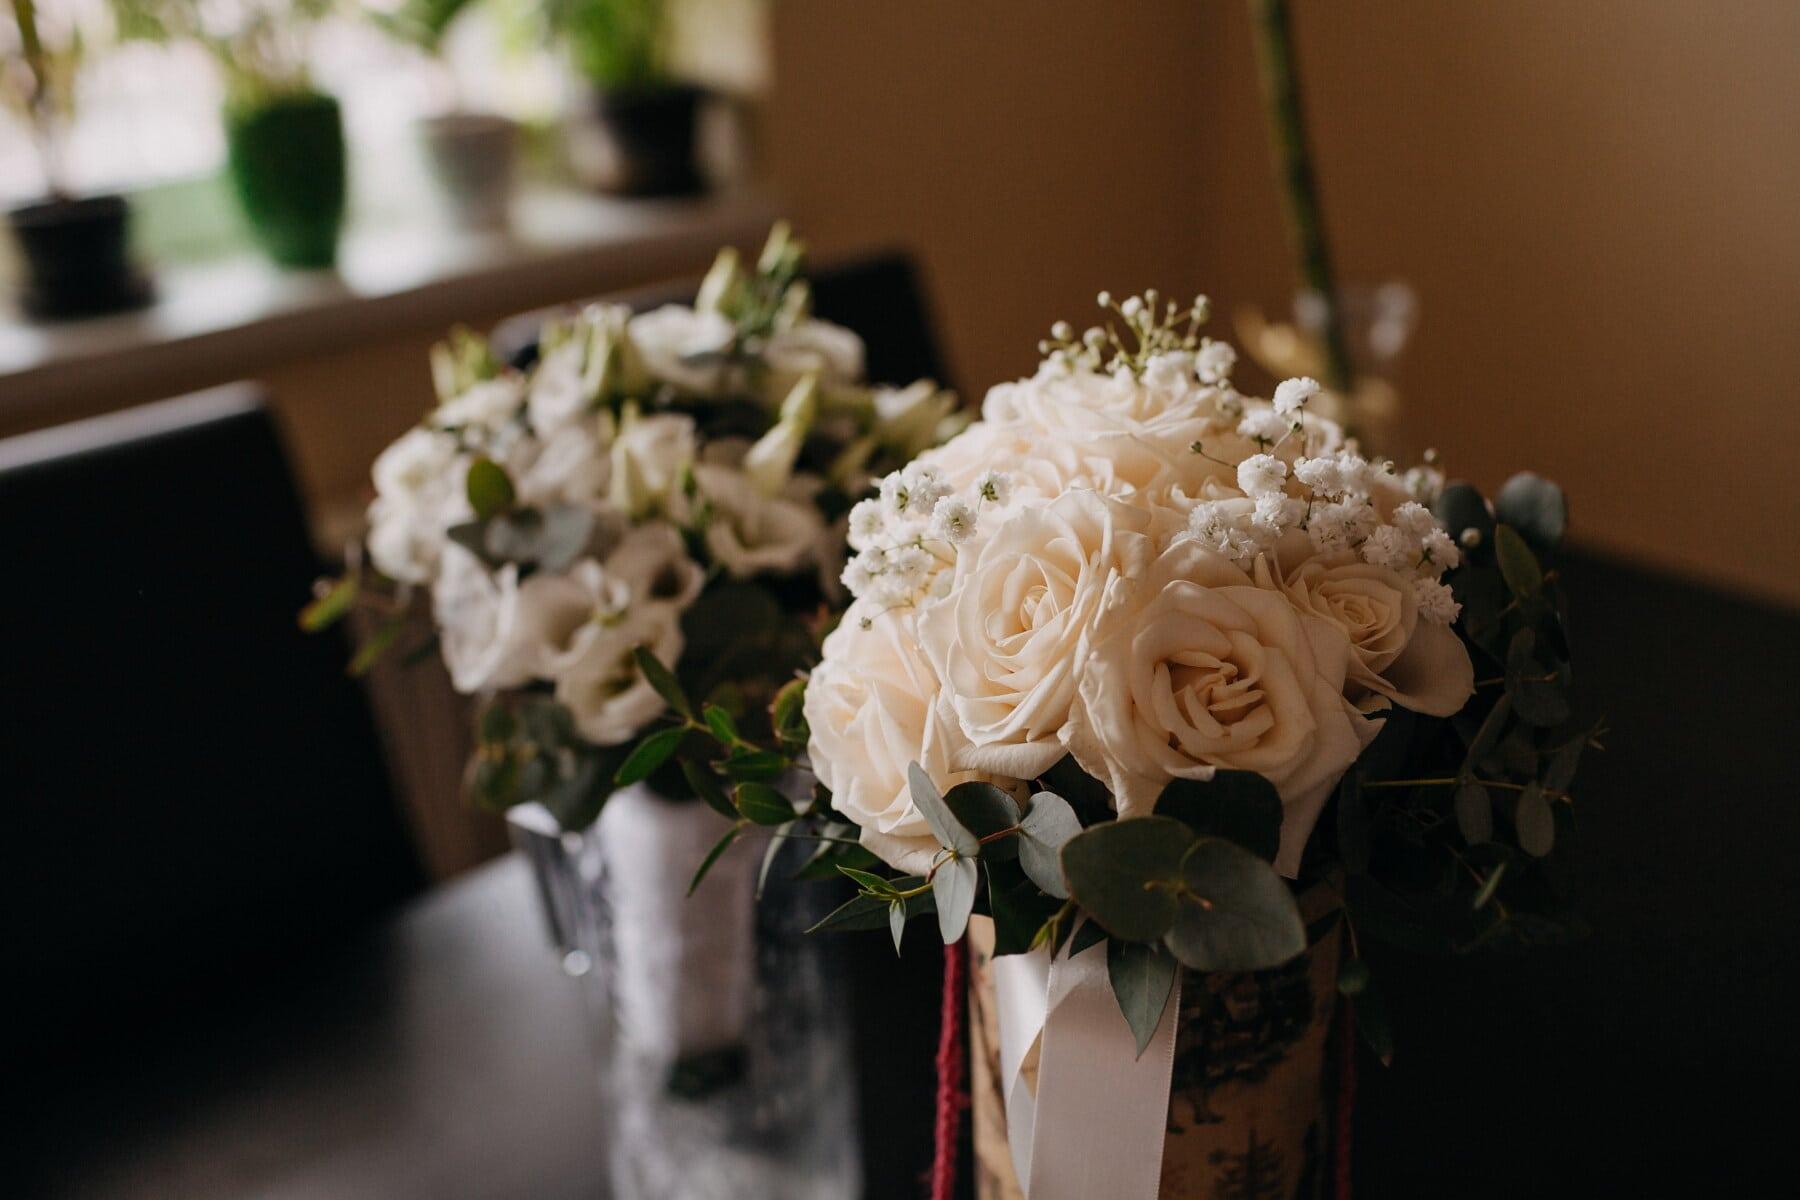 Blumenstrauß, Rosen, weiße Blume, Vase, Interieur-design, Zimmer, Schreibtisch, Blume, stieg, Anordnung